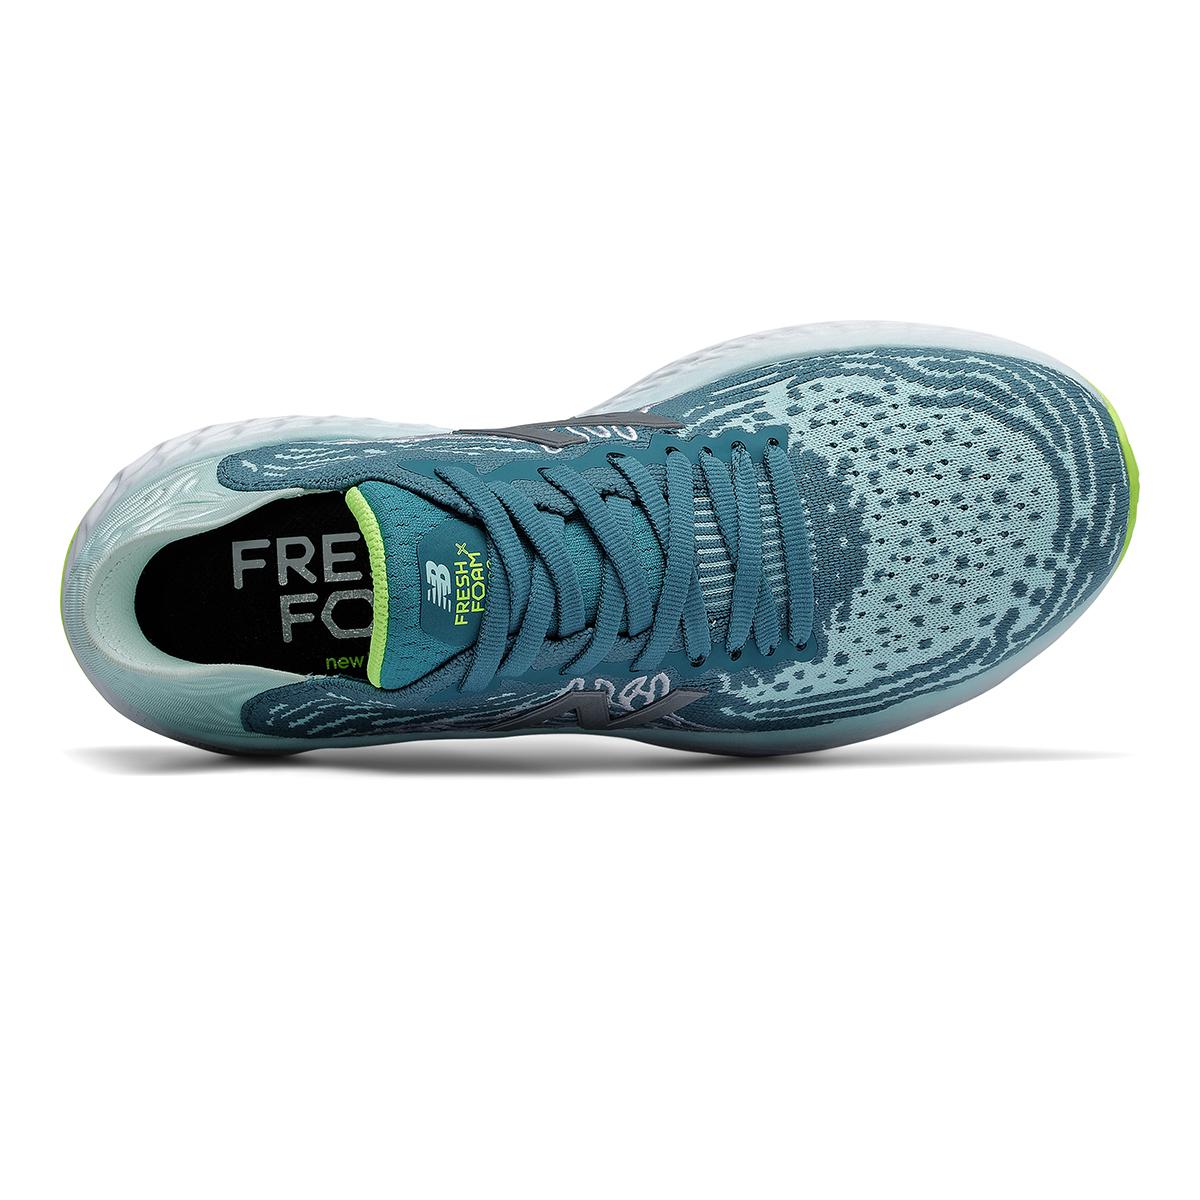 Women's New Balance Fresh Foam 1080v10 Running Shoe - Color: Jet Stream/Glacier - Size: 5 - Width: Regular, Jet Stream/Glacier, large, image 3